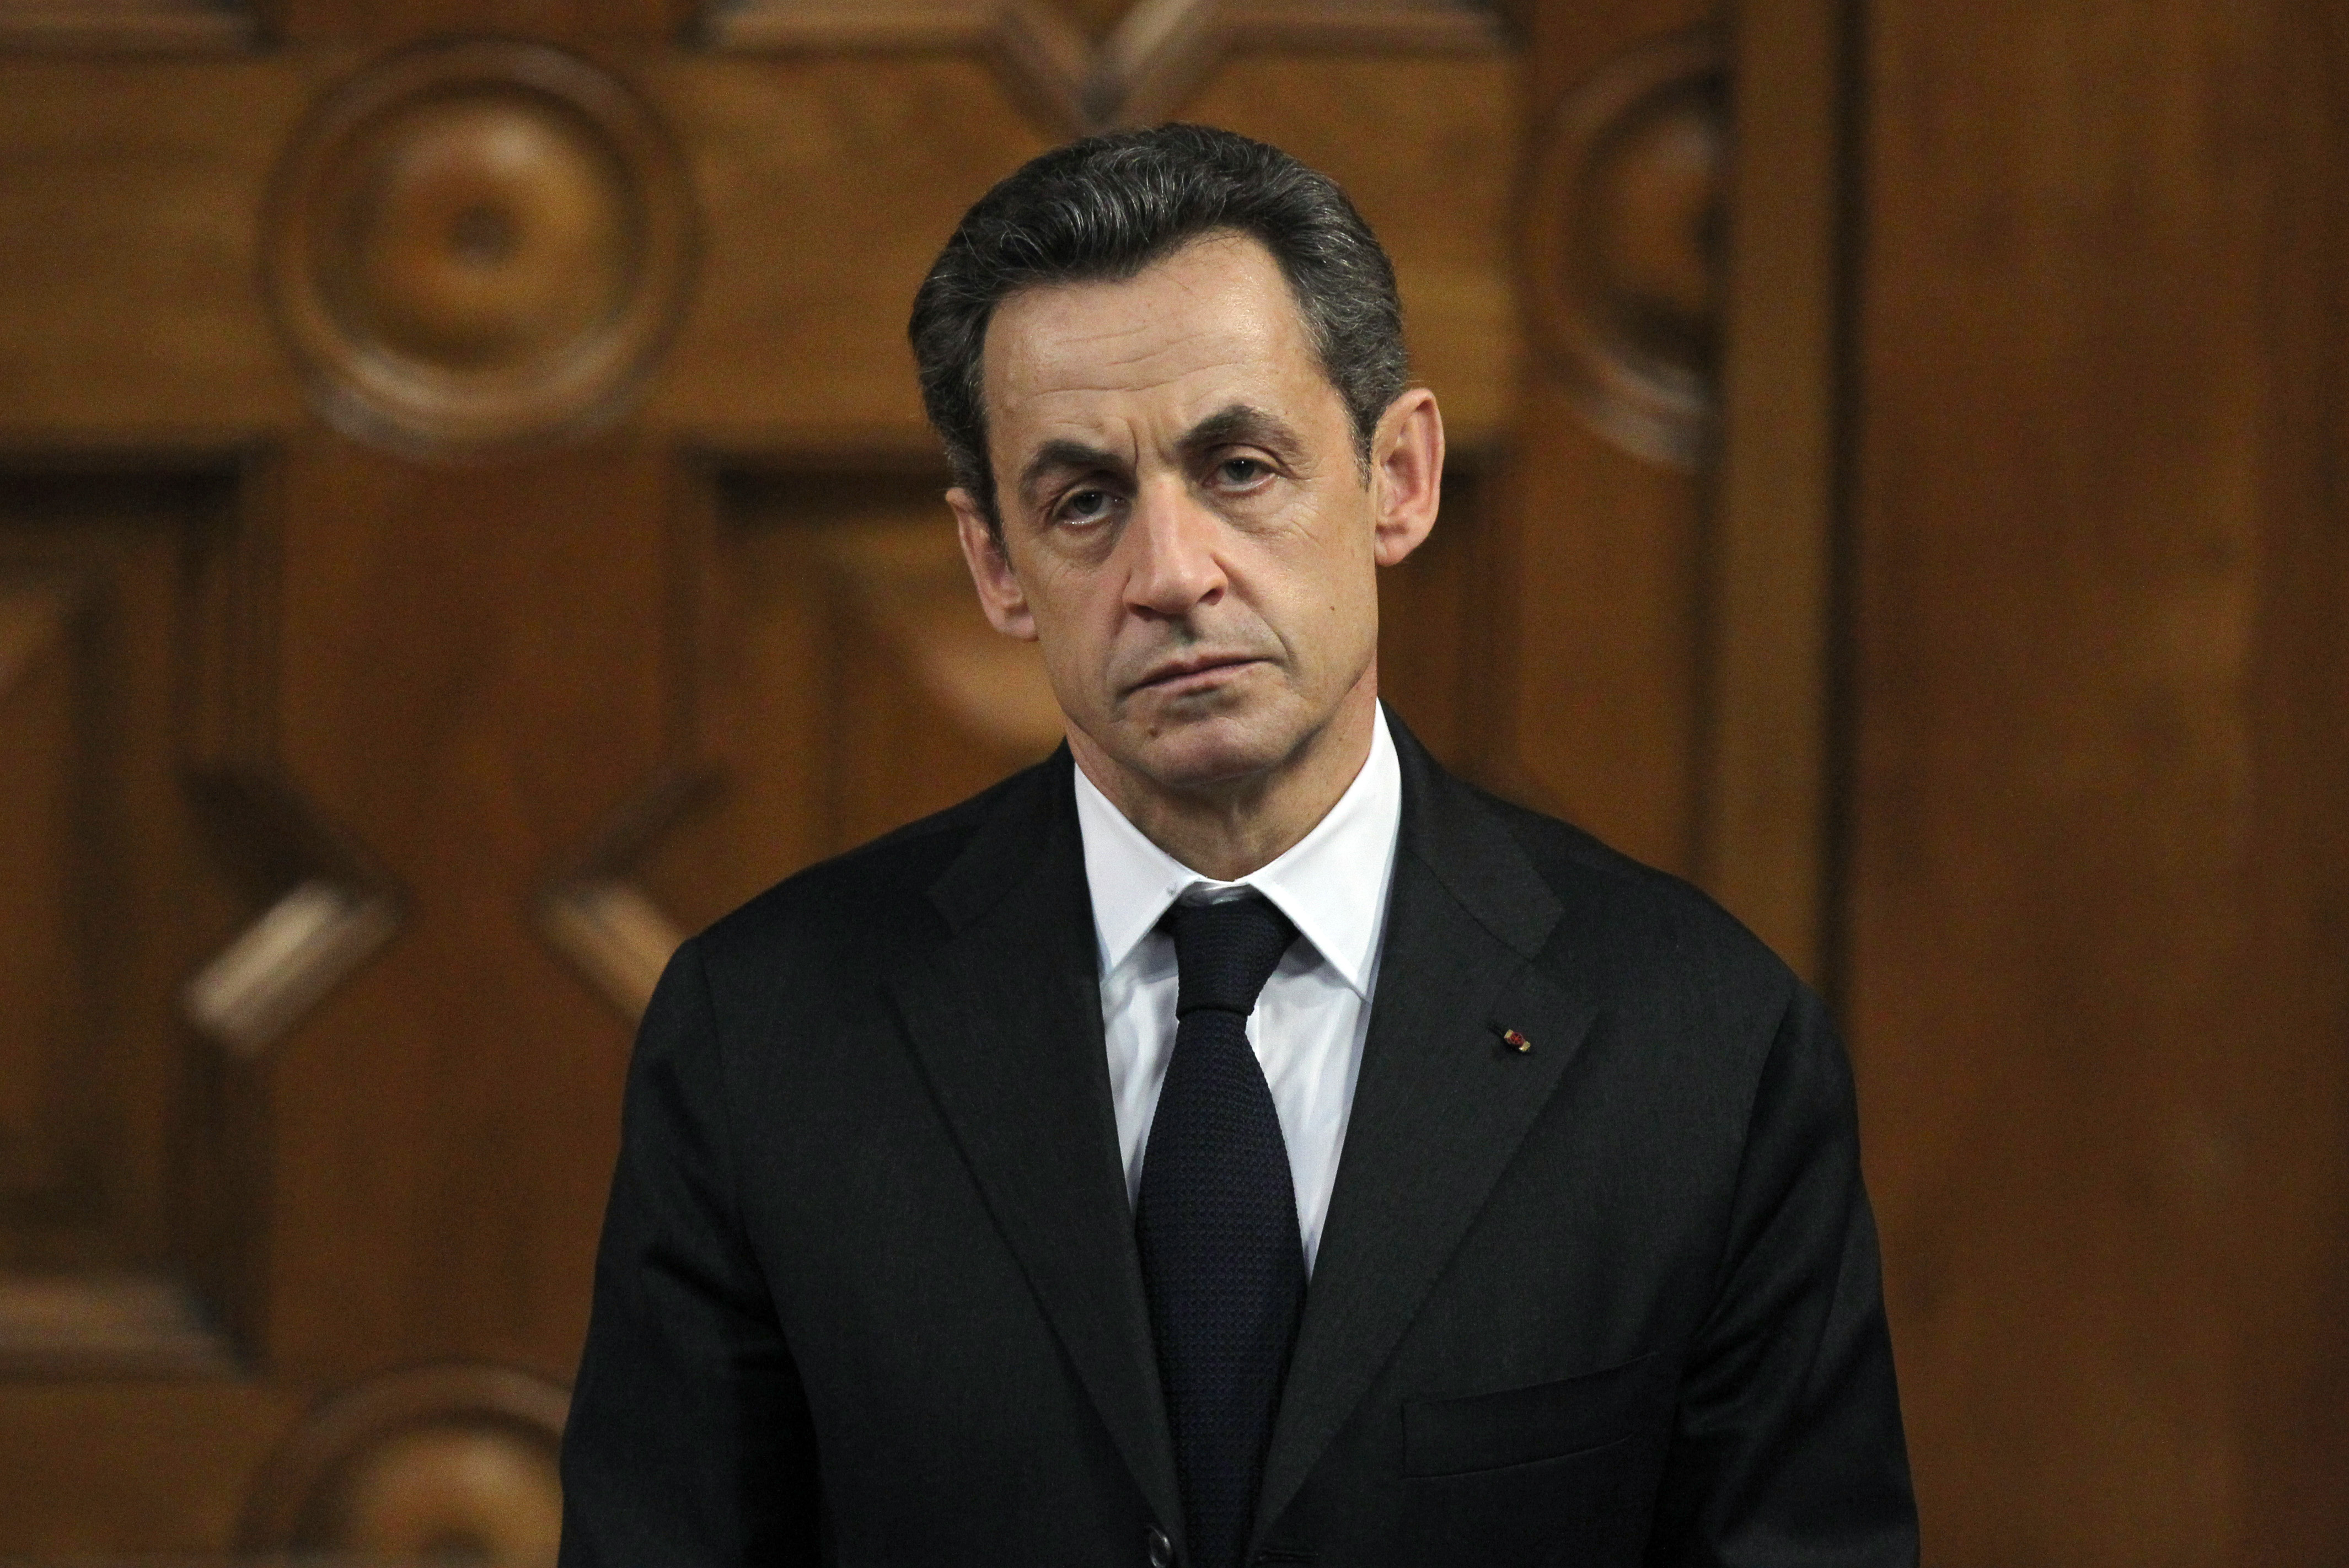 Letöltendő börtönt kértek Nicolas Sarkozyra